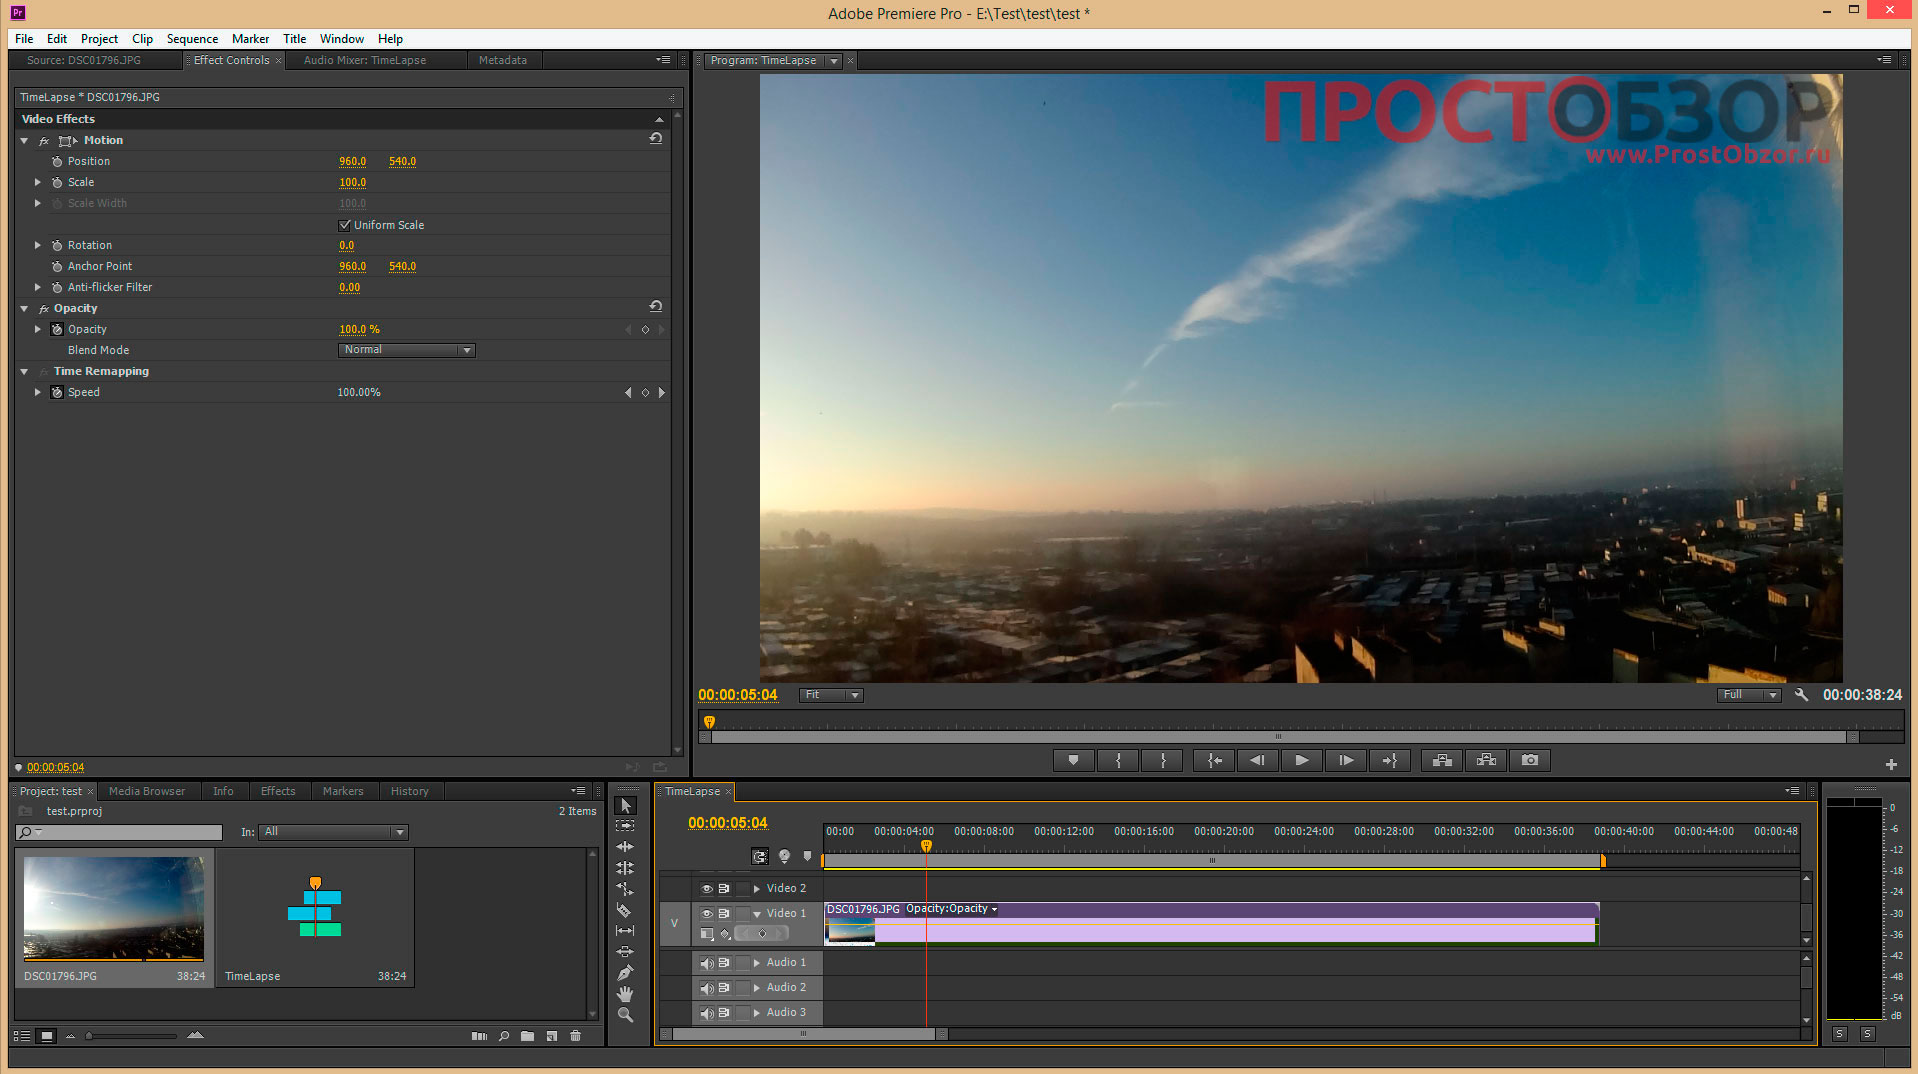 Adobe premiere как сделать видеоролик